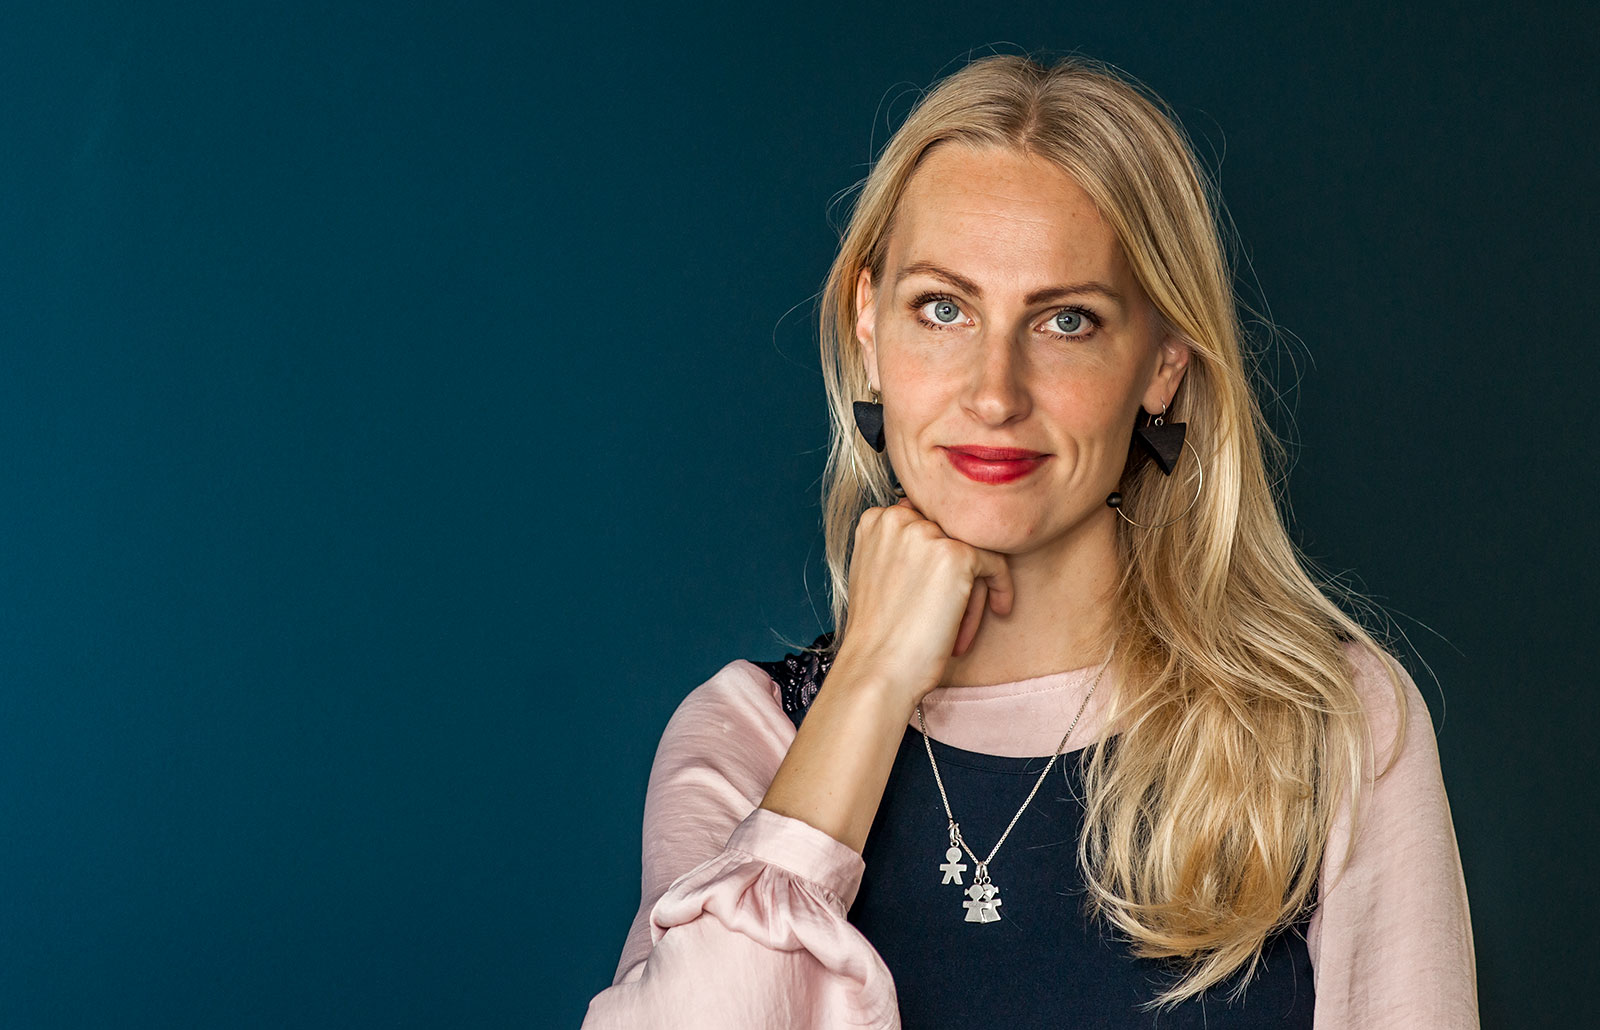 Työvuorolistan ja työsopimuksen tuntien täytyy täsmätä – PAMin lakimies Karoliina Huovila poimi työaikalain tärkeimmät pointit